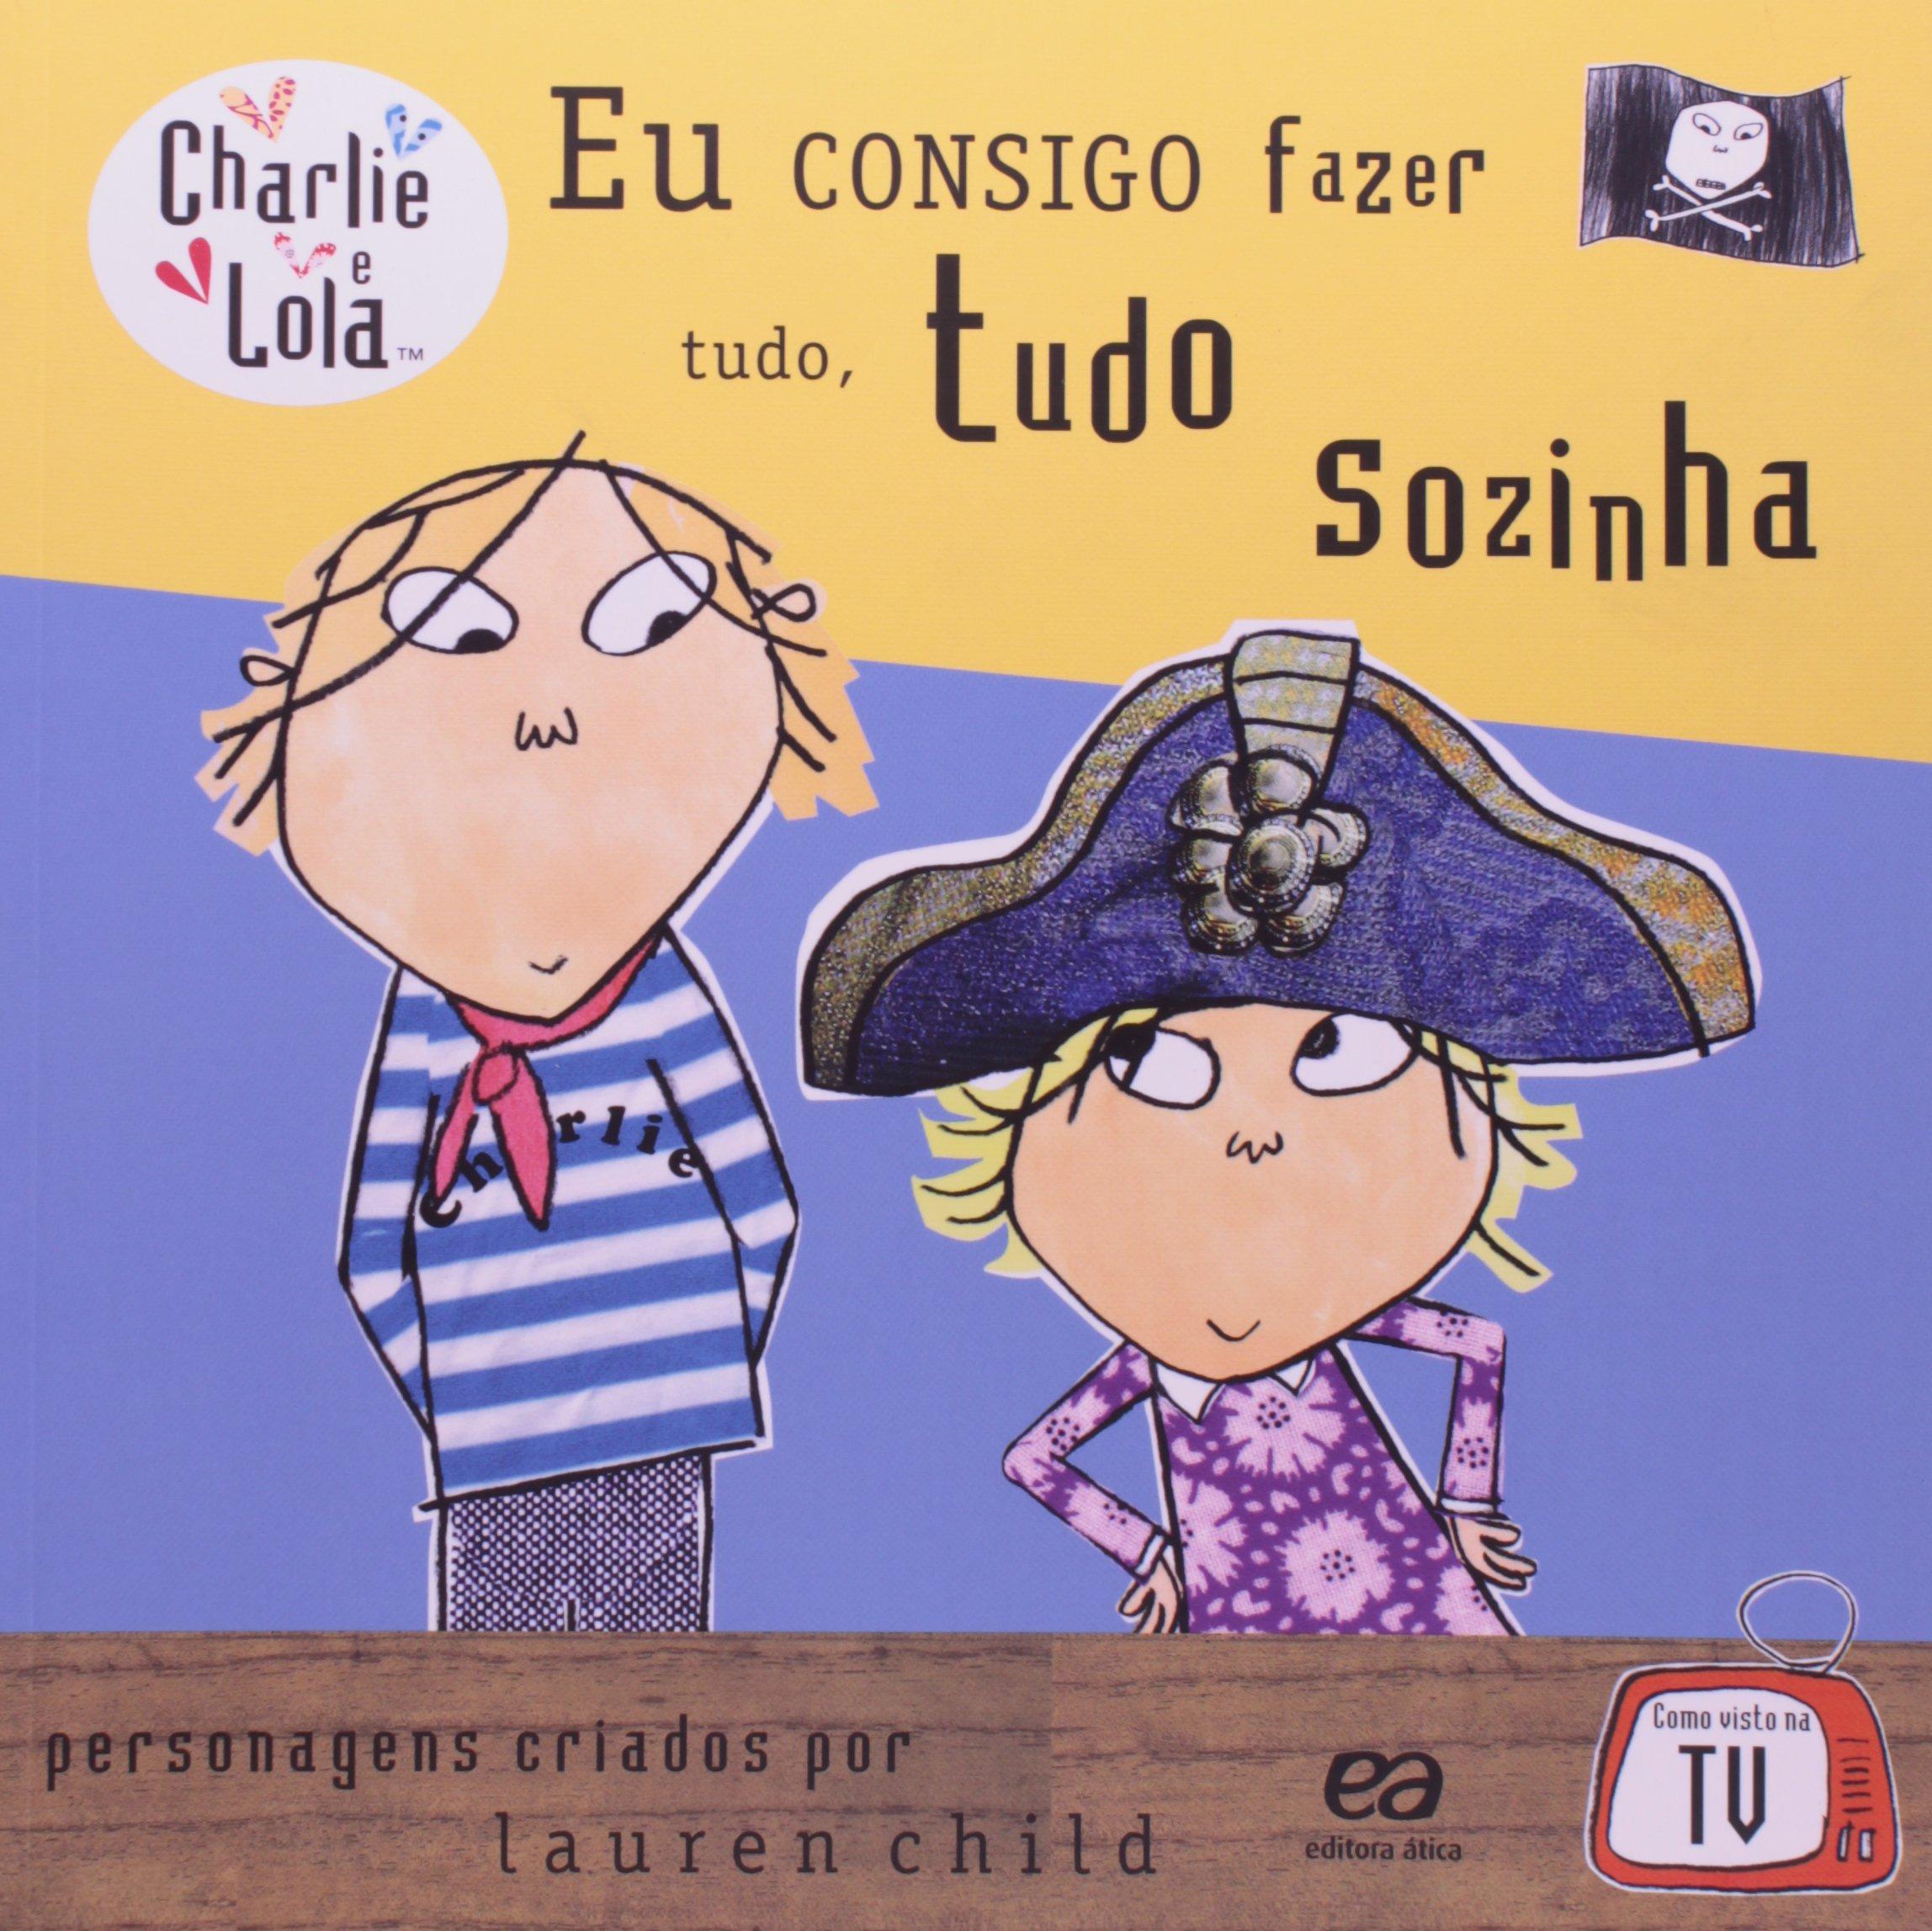 9f6d3b678 Charlie e Lola. Eu Consigo Fazer Tudo, Tudo Sozinha - Livros na Amazon  Brasil- 9788508135127